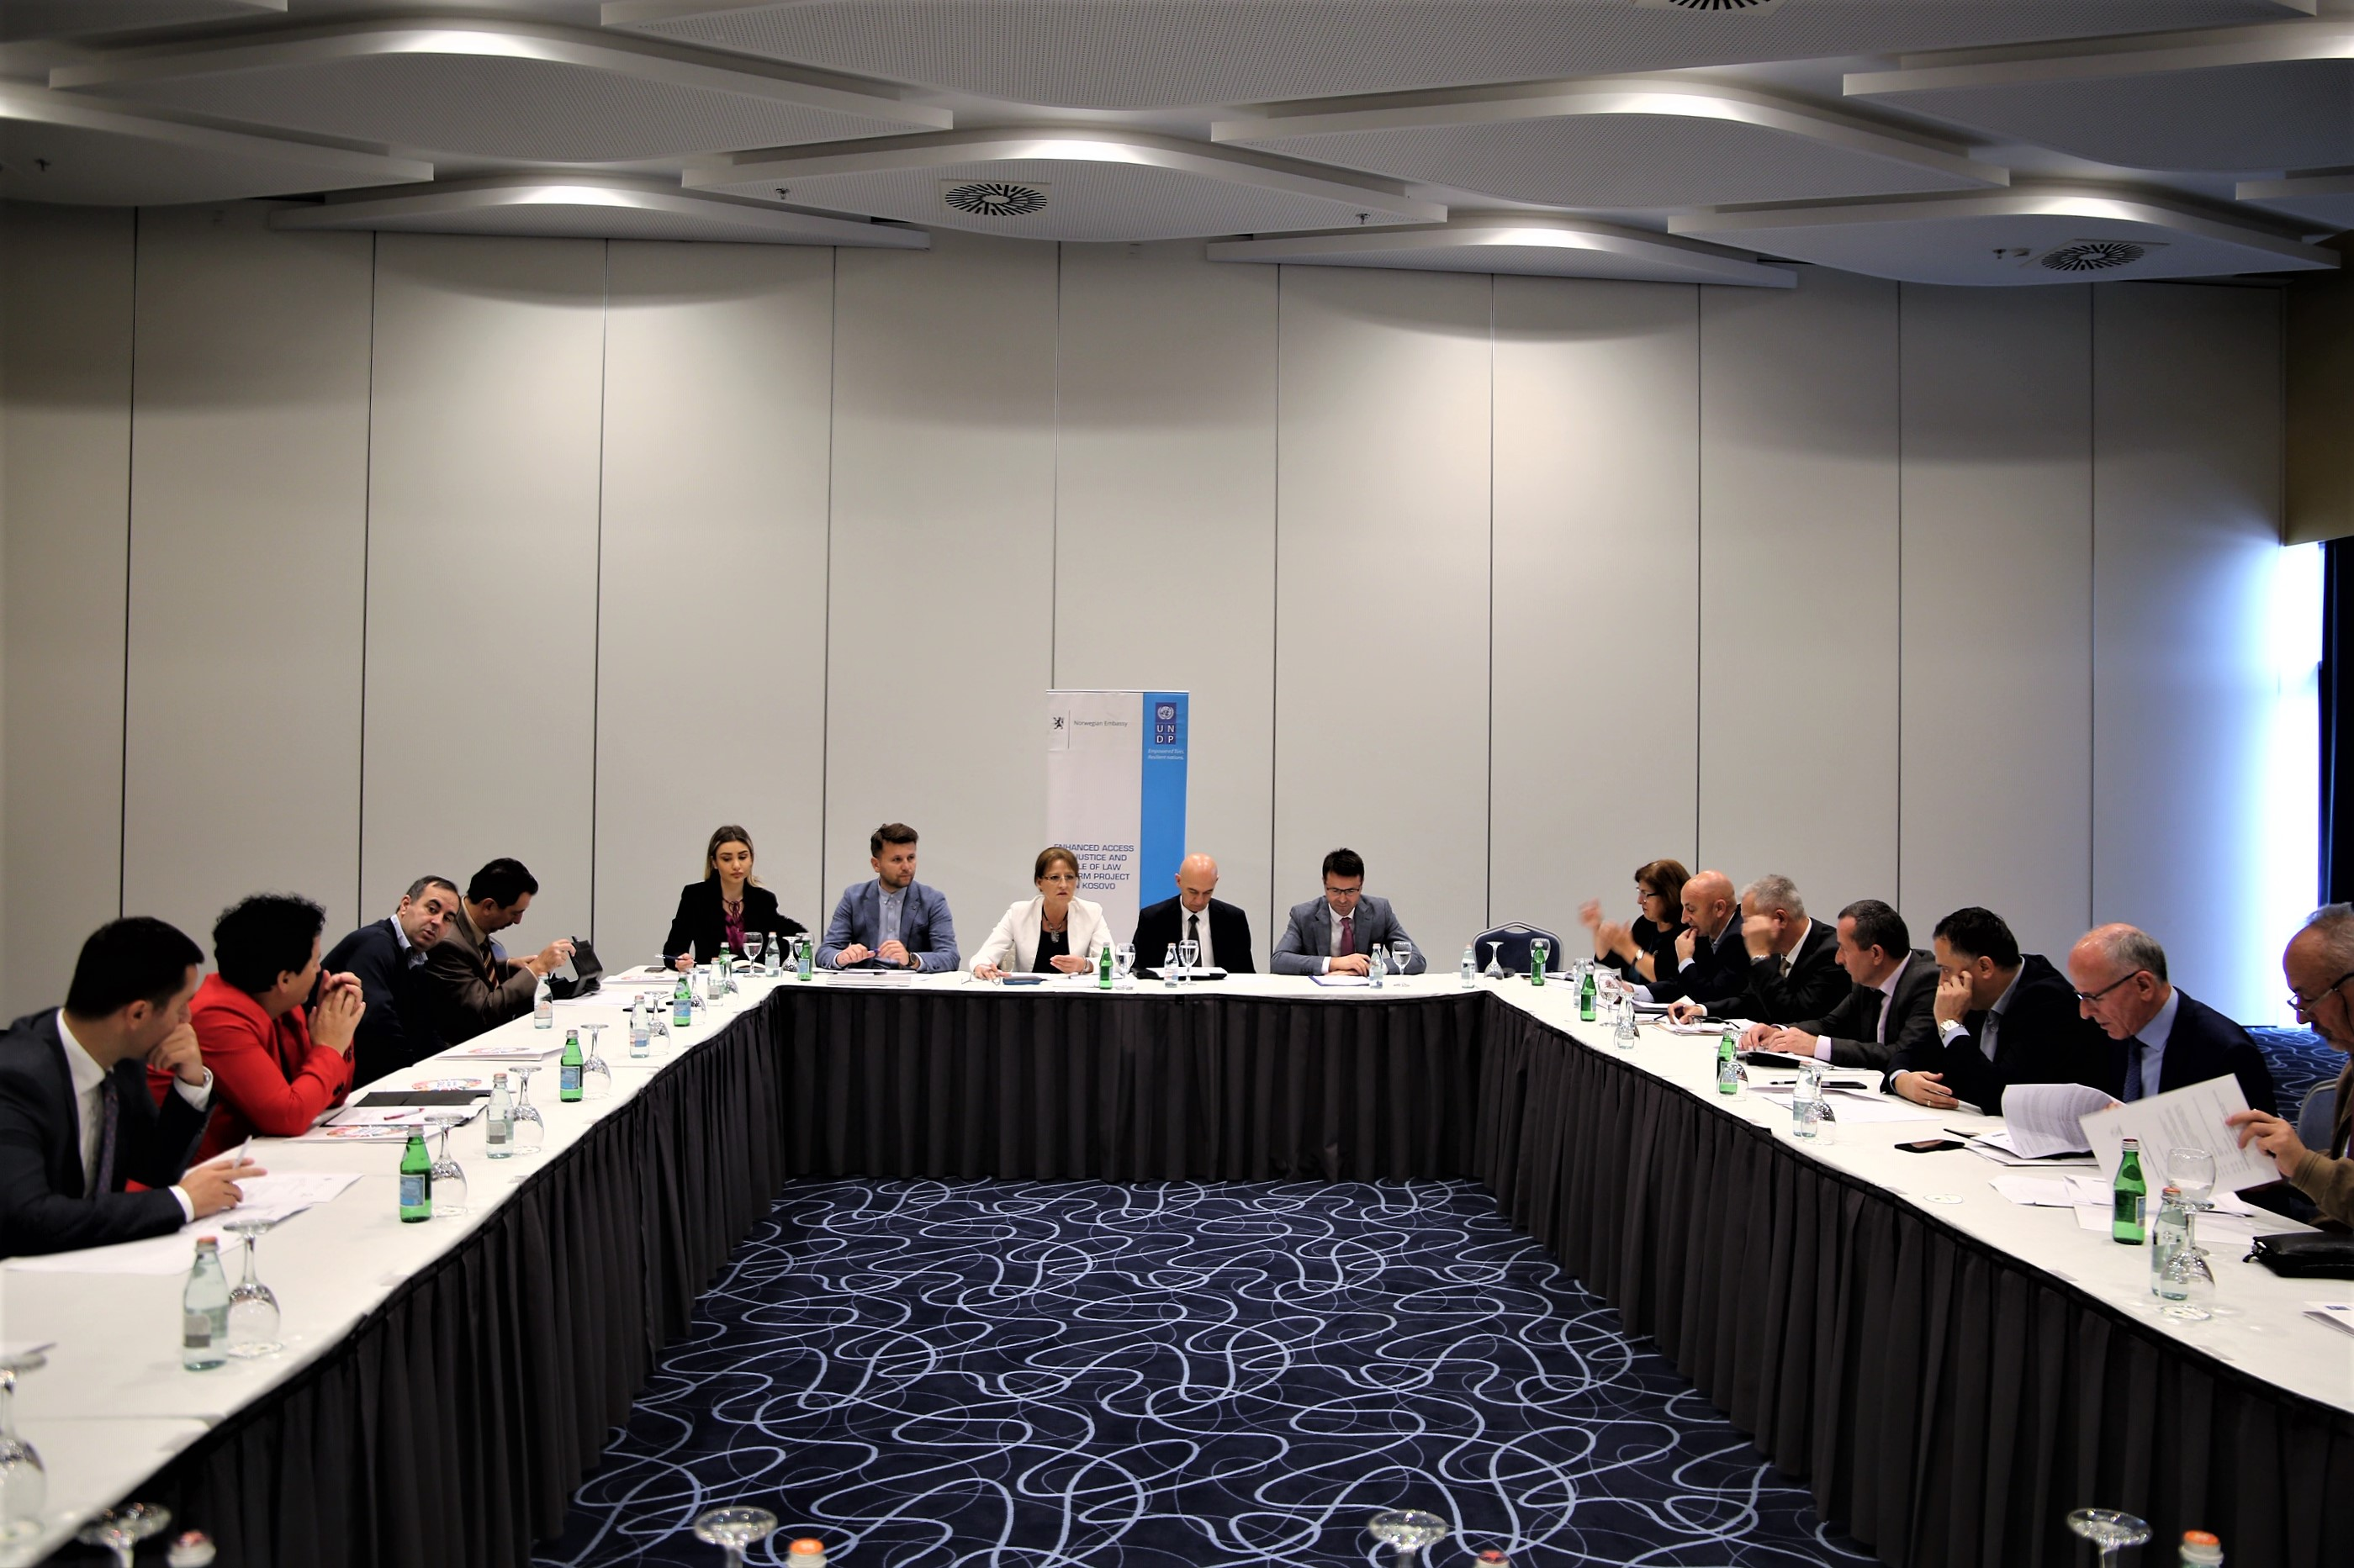 Rasprava na okruglom stolu- Kako dalje unaprediti sistem posredovanja na Kosovu?